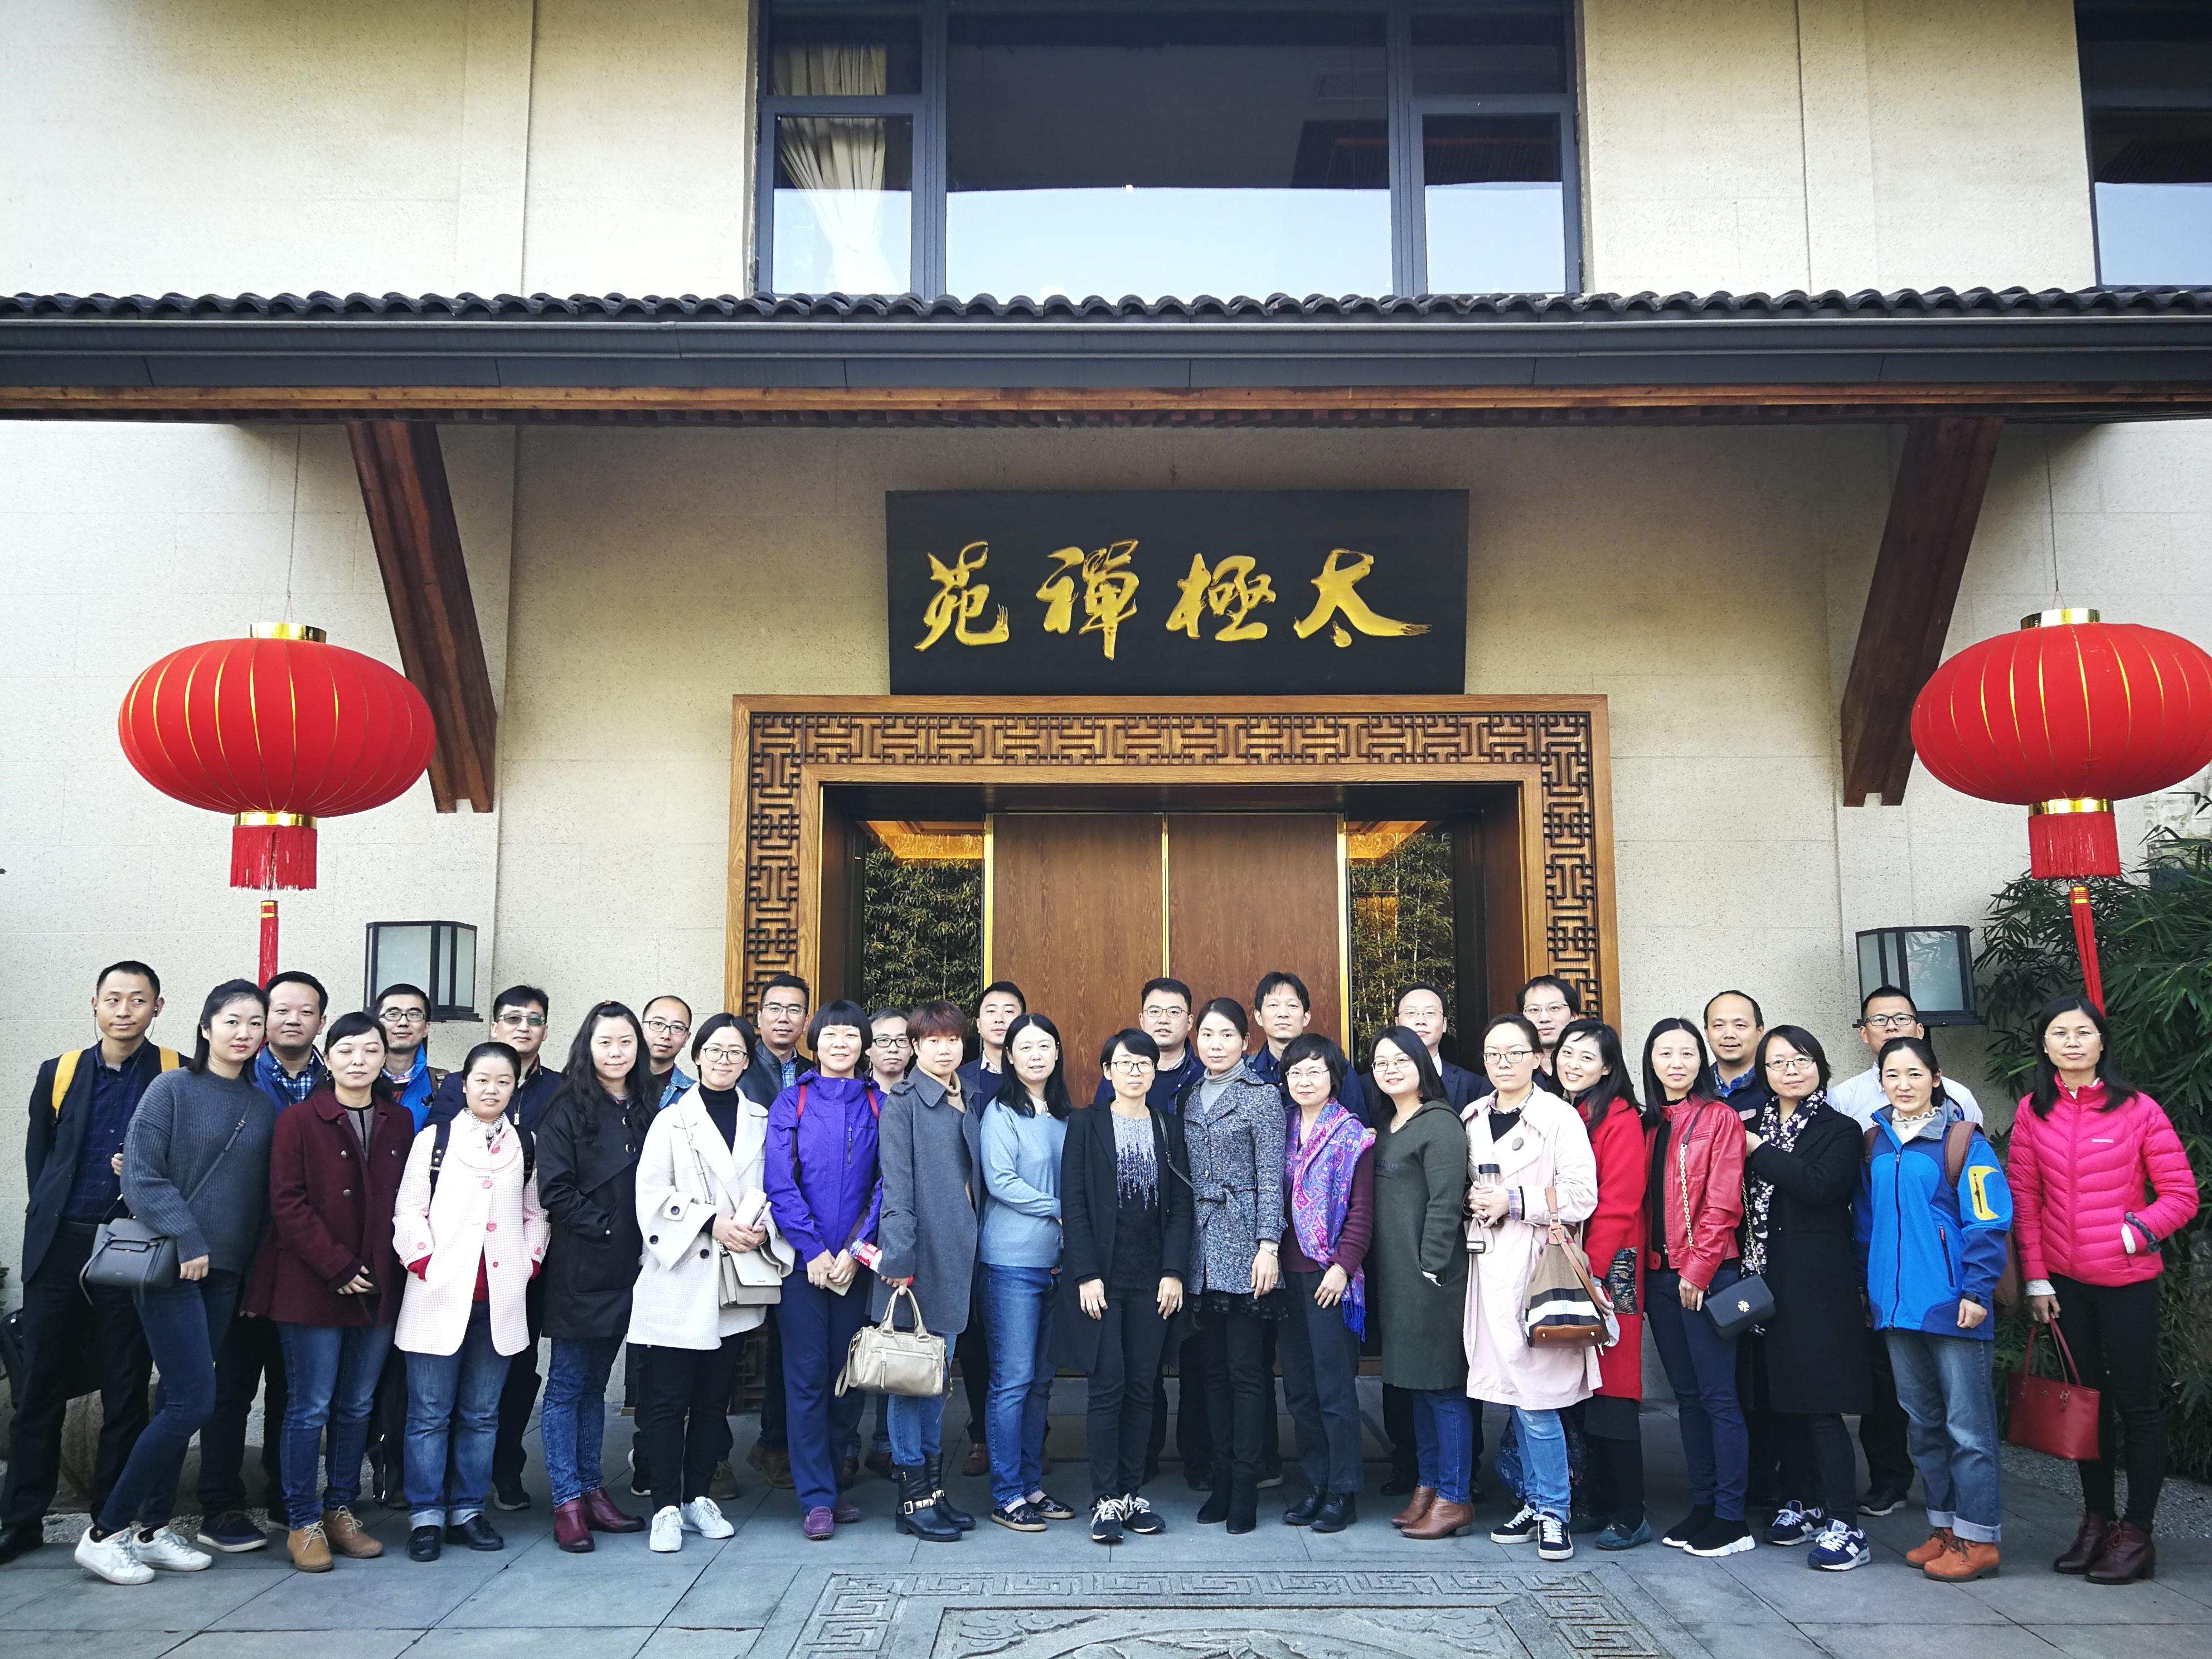 杭州標桿考察—阿里政委的業務敏感度、績效追蹤能力